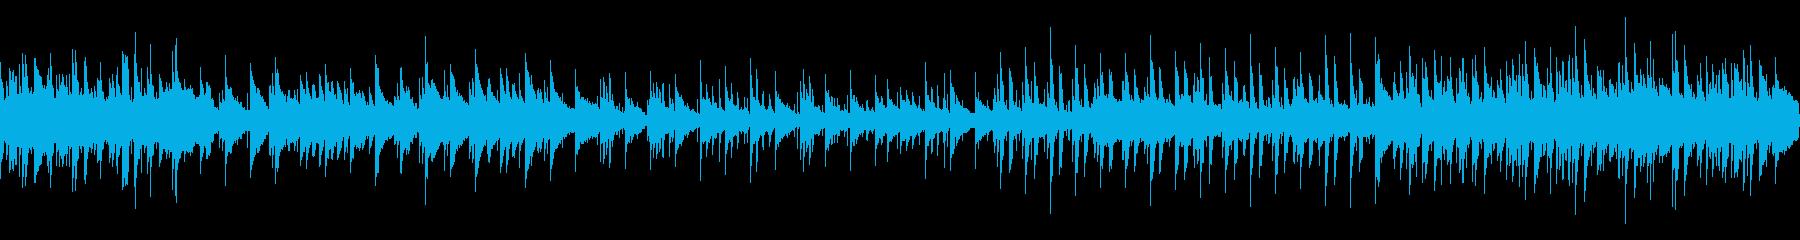 ピアノオーケストラループ音源。ウエディ…の再生済みの波形